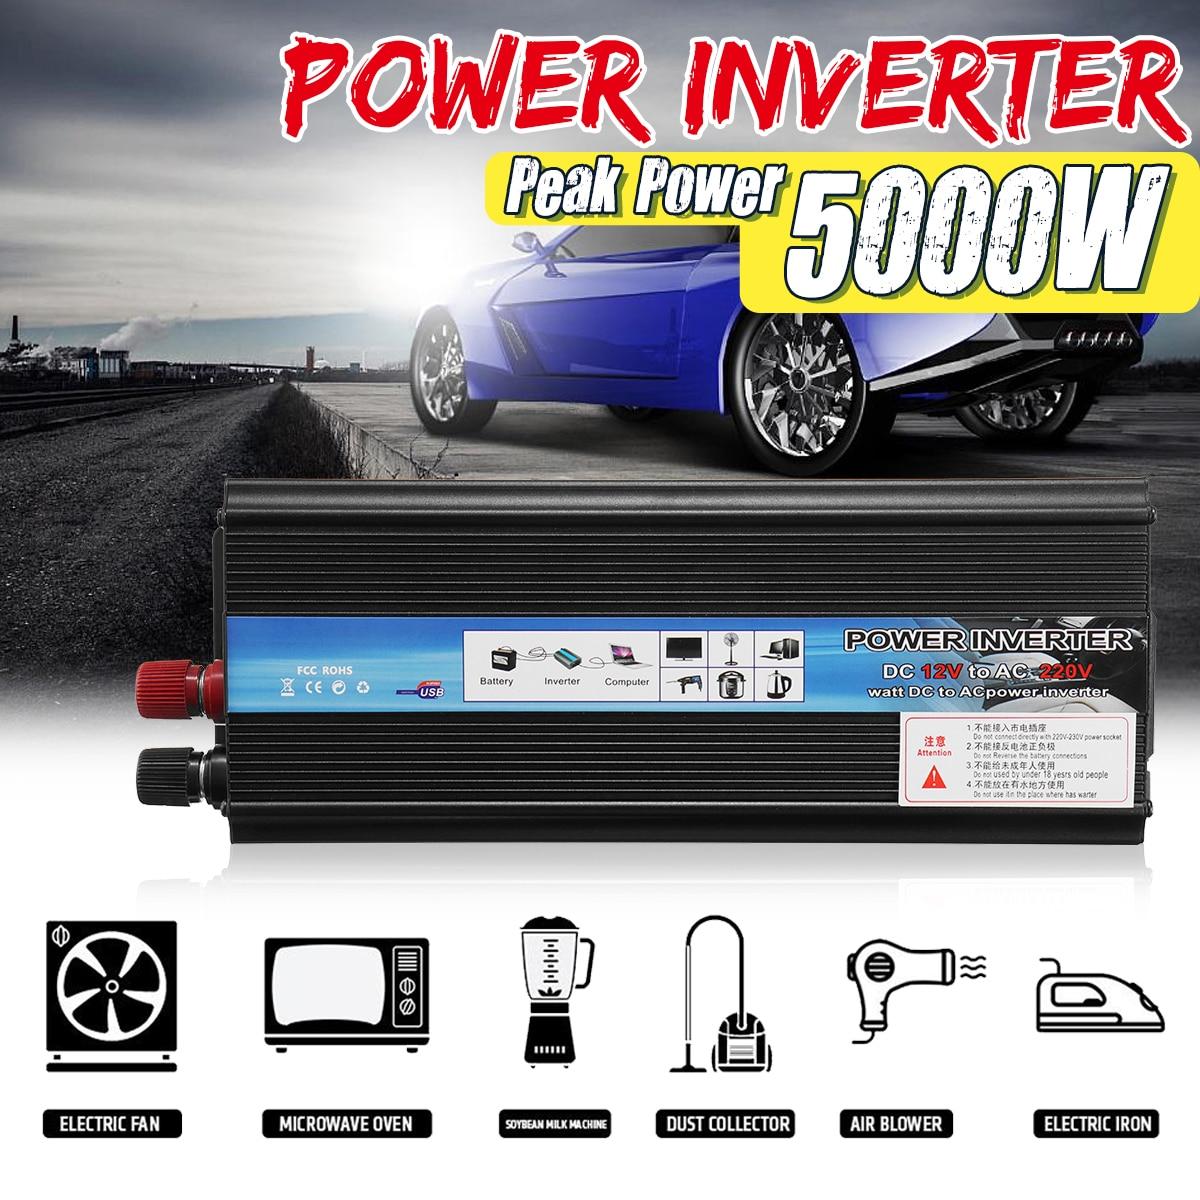 Auto Inverter 12 v/24 v 220 v 5000 watt Peak Power Inverter Spannung Transformator Konverter Sinus Welle Inverter 12 v/24 v 110 v